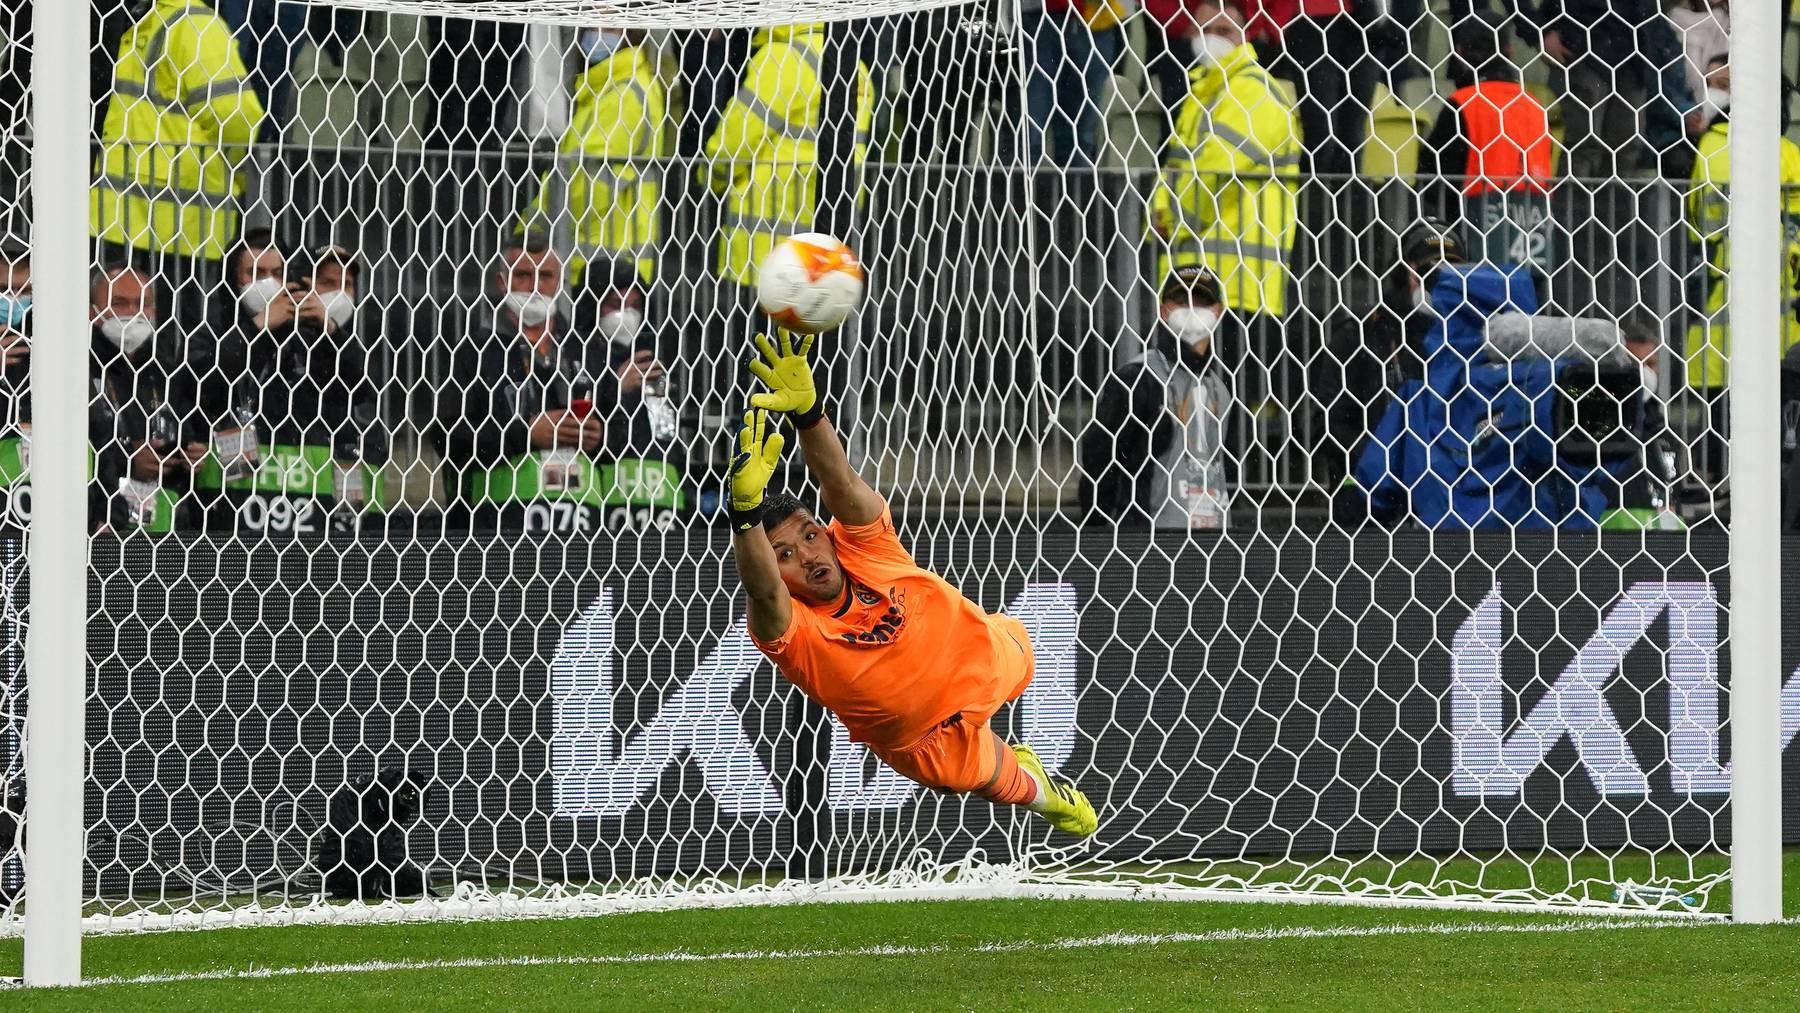 Villarreal-Goalie Rulli hat im Finale nicht nur einen Penalty gehalten, sondern auch selber versenkt.